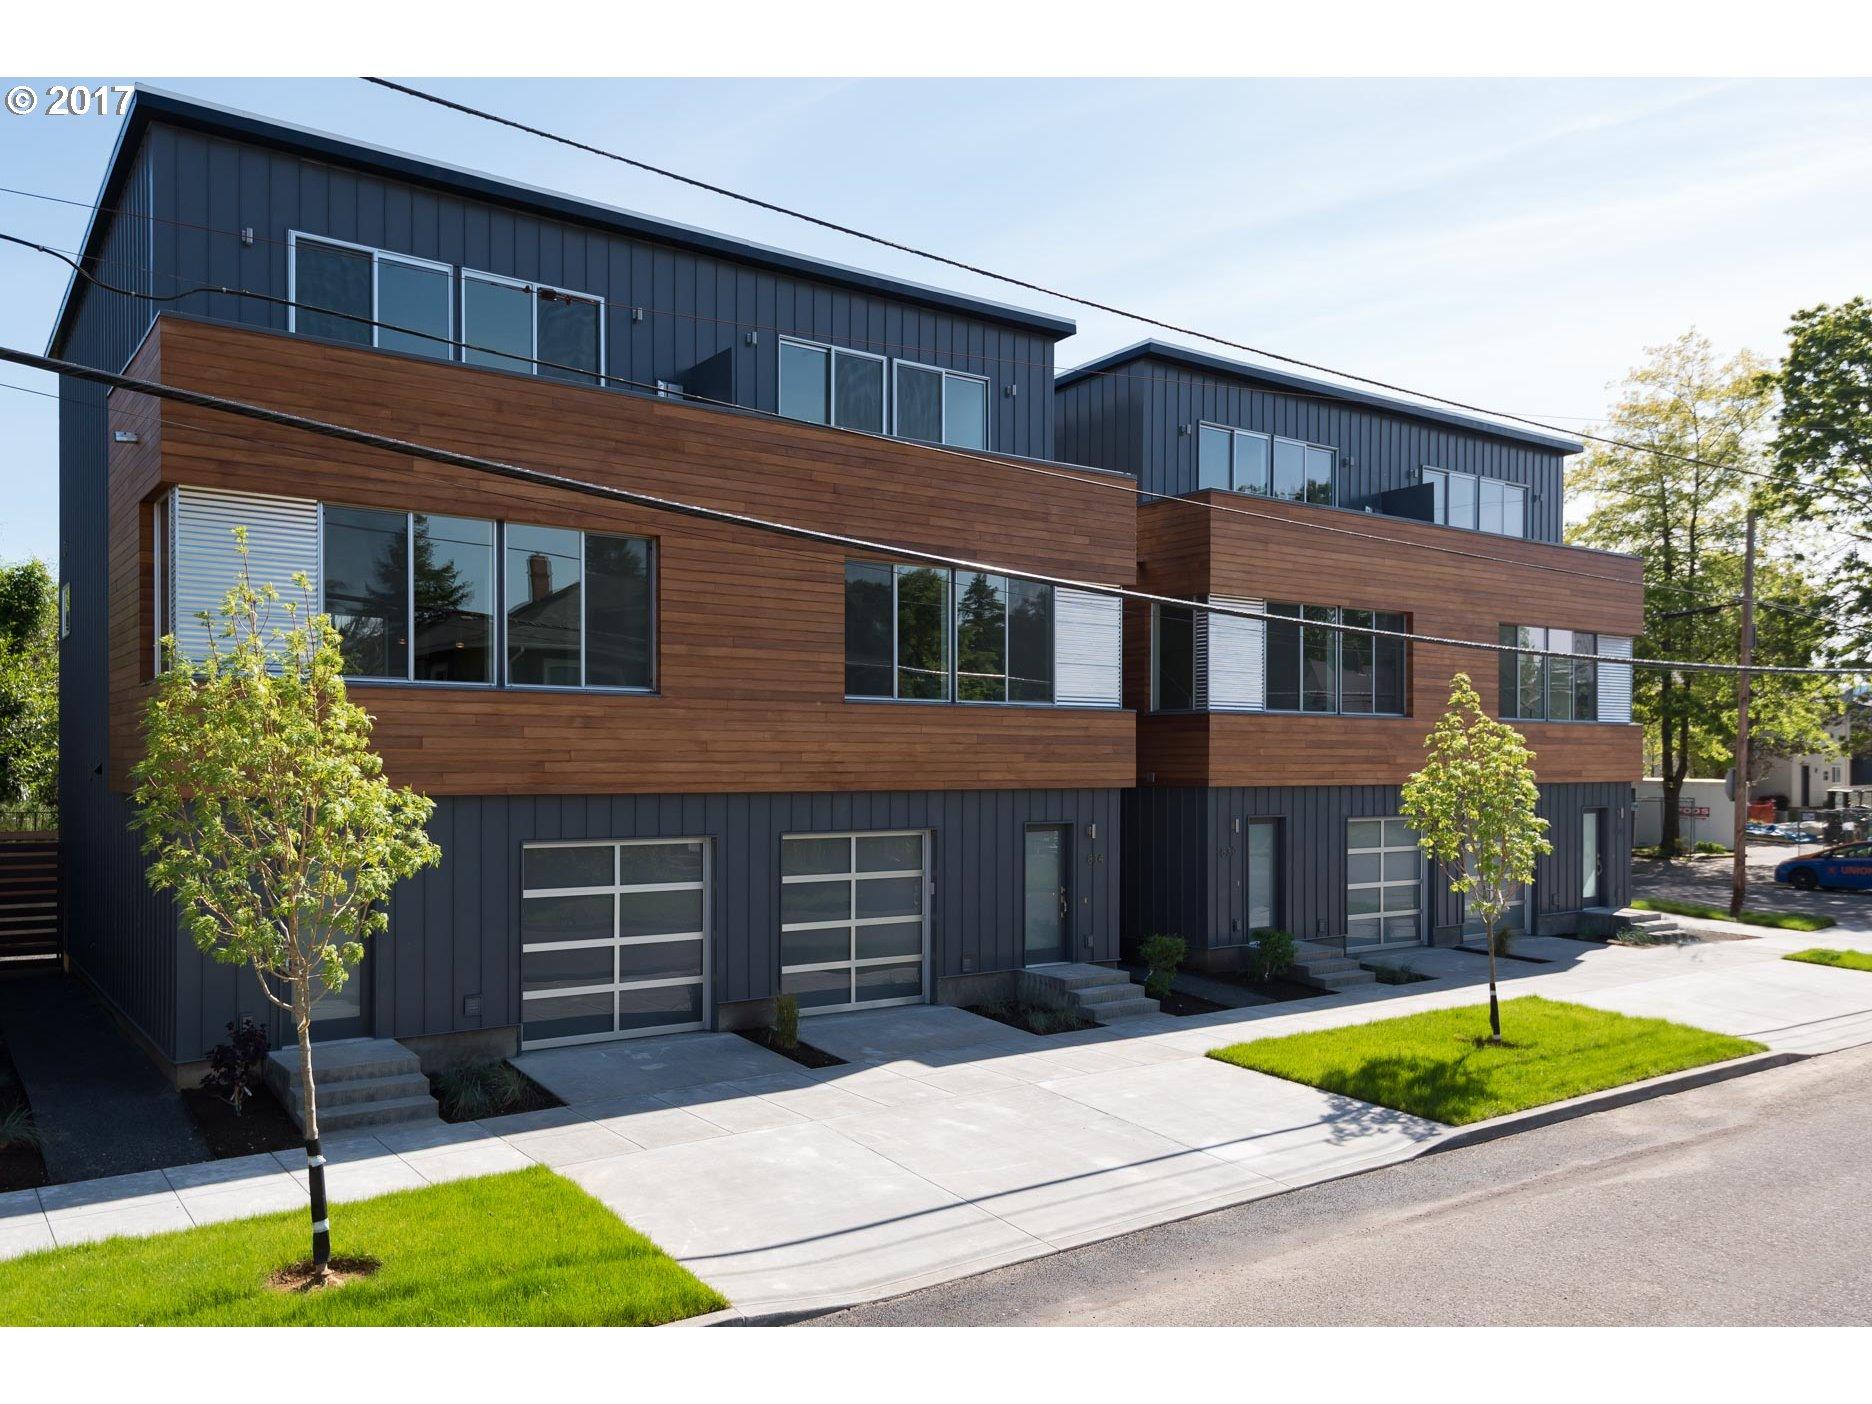 814 N SIMPSON ST, Portland OR 97211